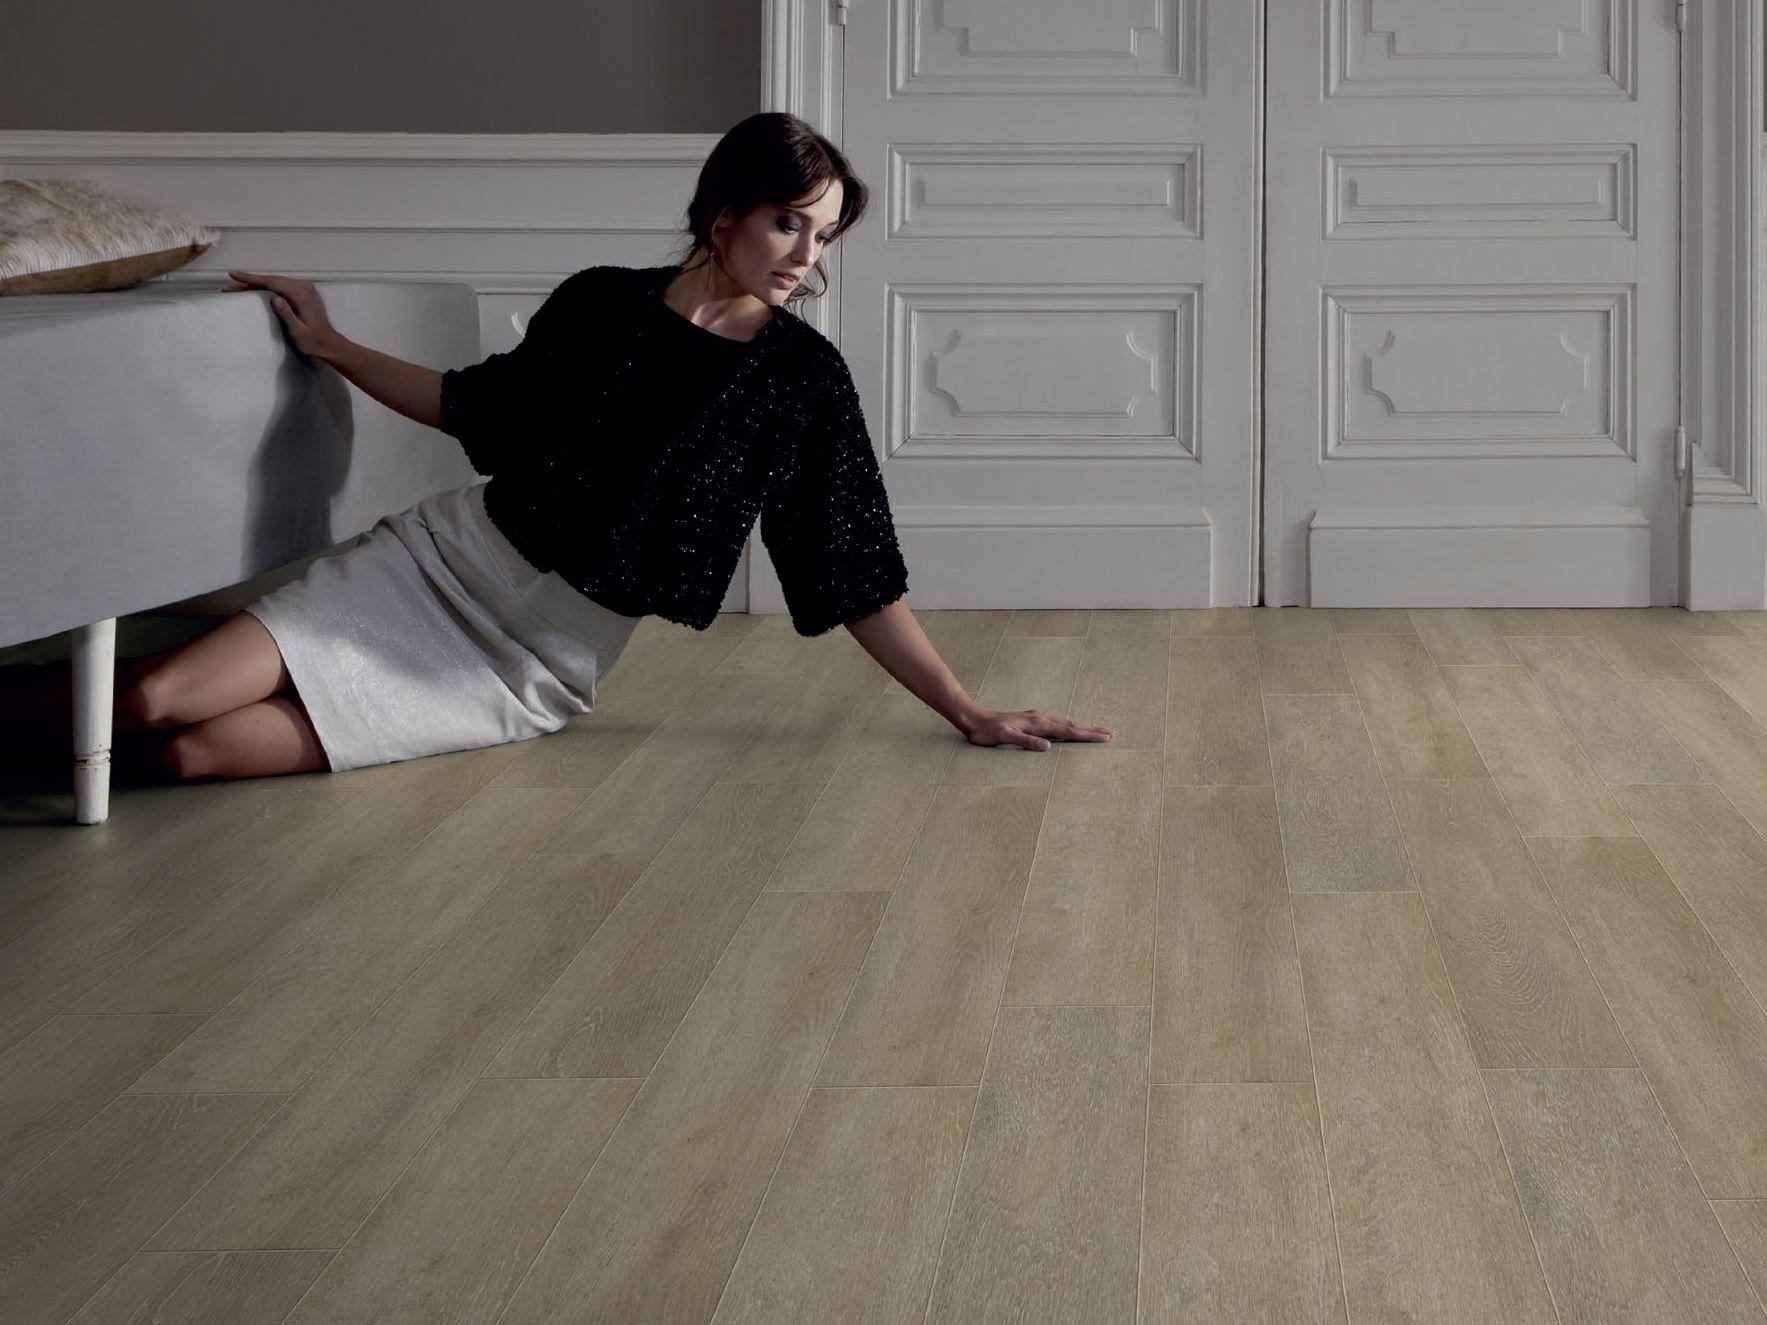 Pavimenti in vinile effetto legno confortevole soggiorno for Pavimento vinile